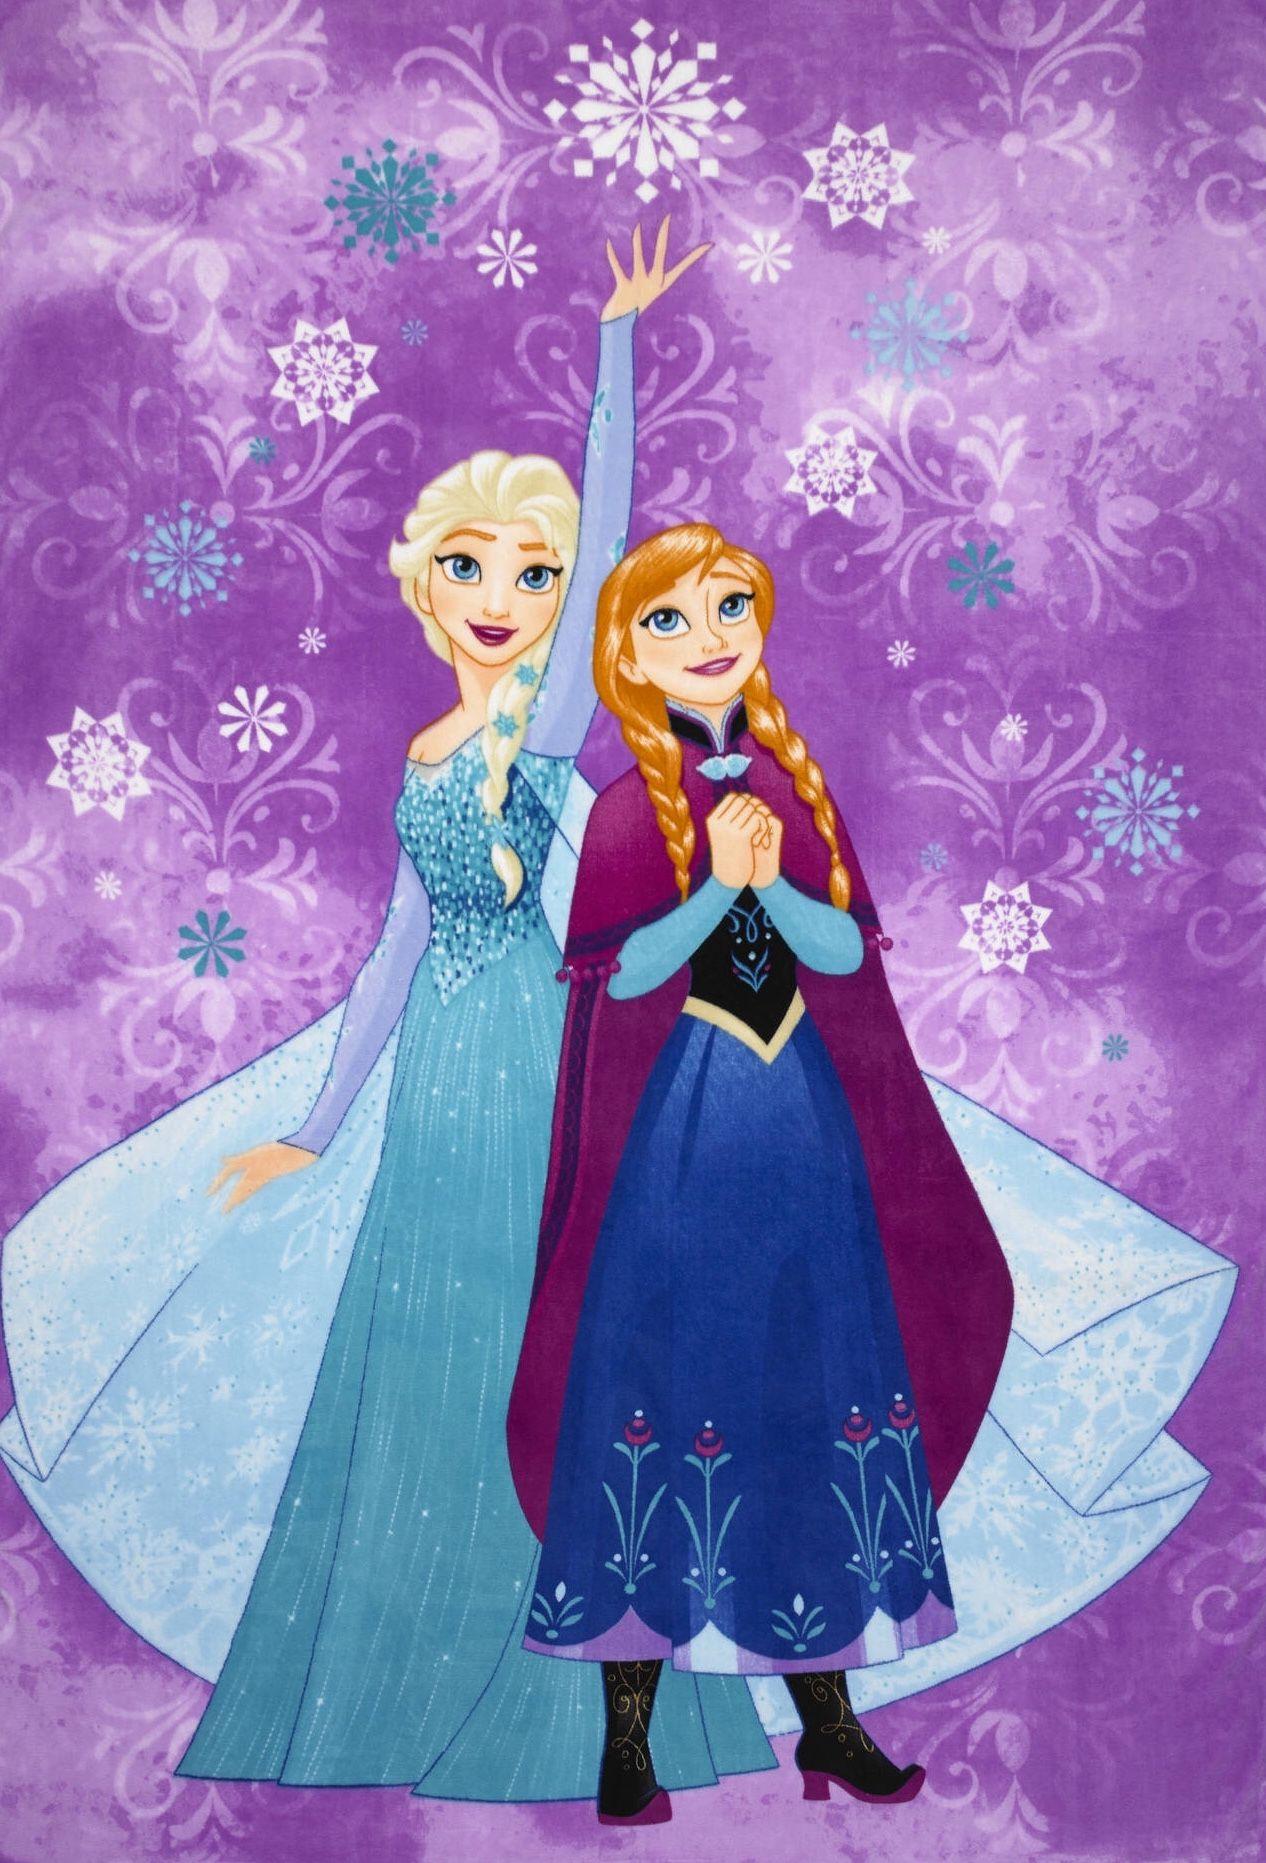 frozen wallpaper elsa and anna,cartoon,violet,purple,illustration,doll